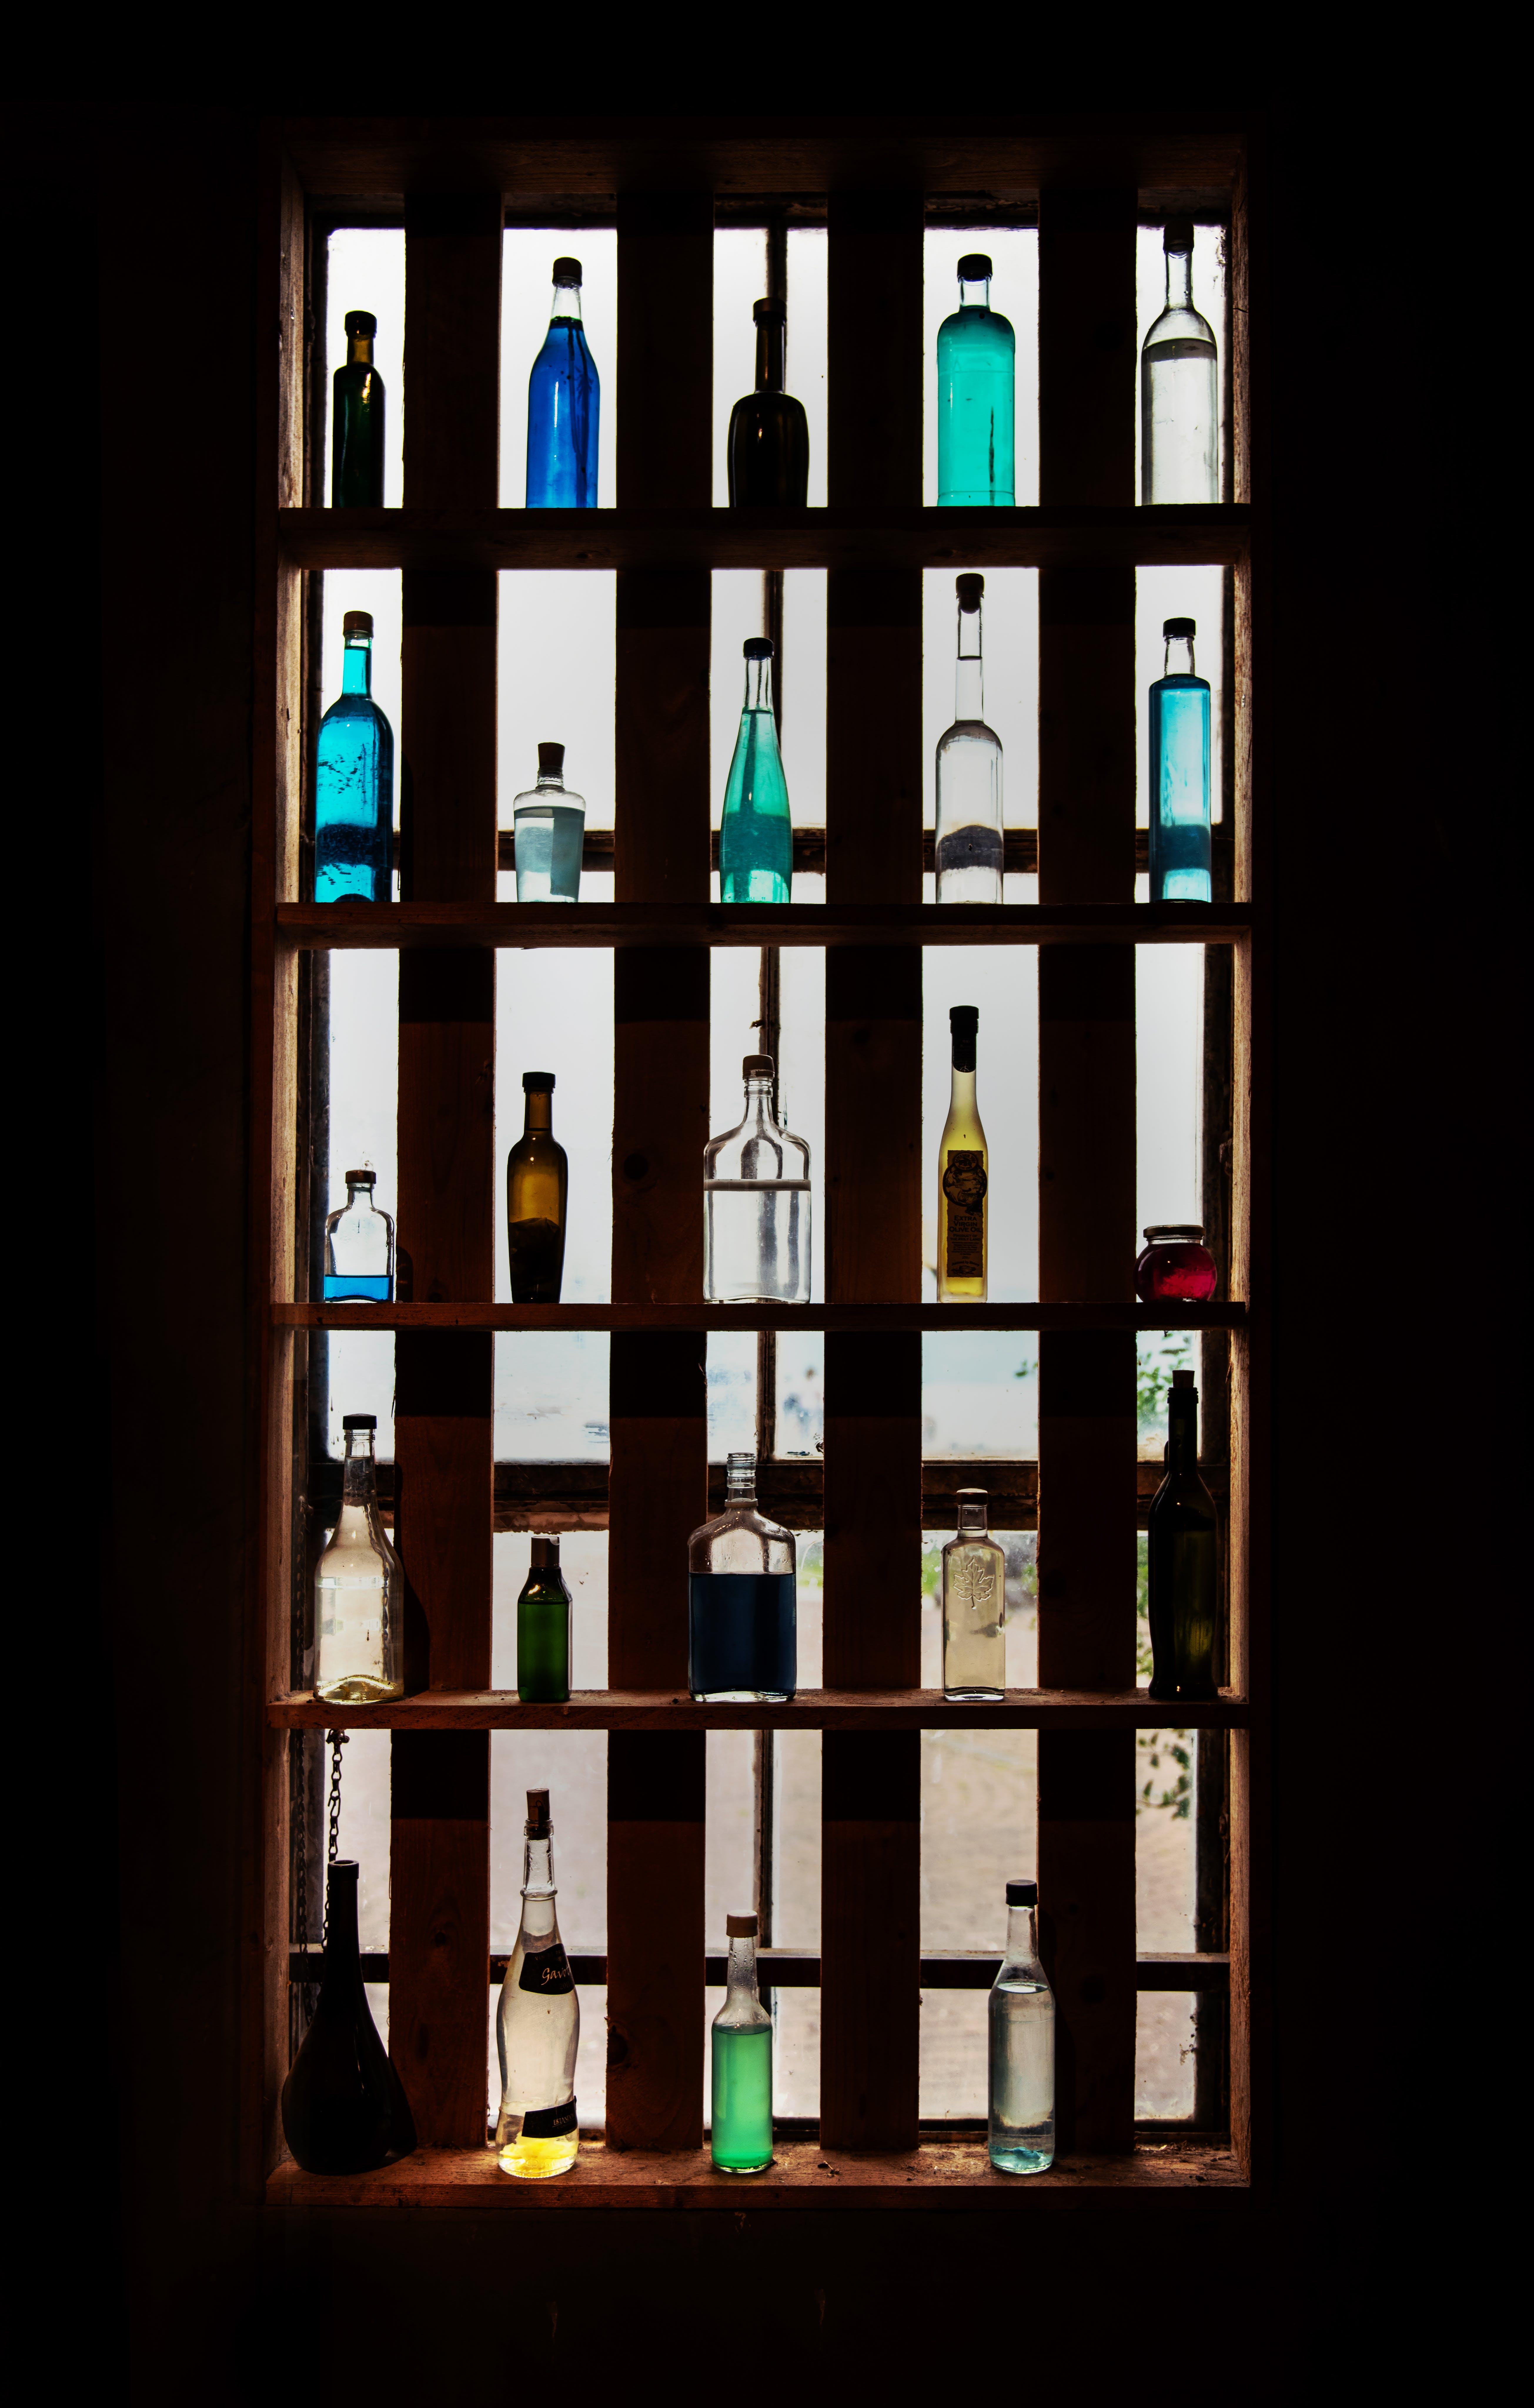 Gratis lagerfoto af flasker, glasting, hylder, lys